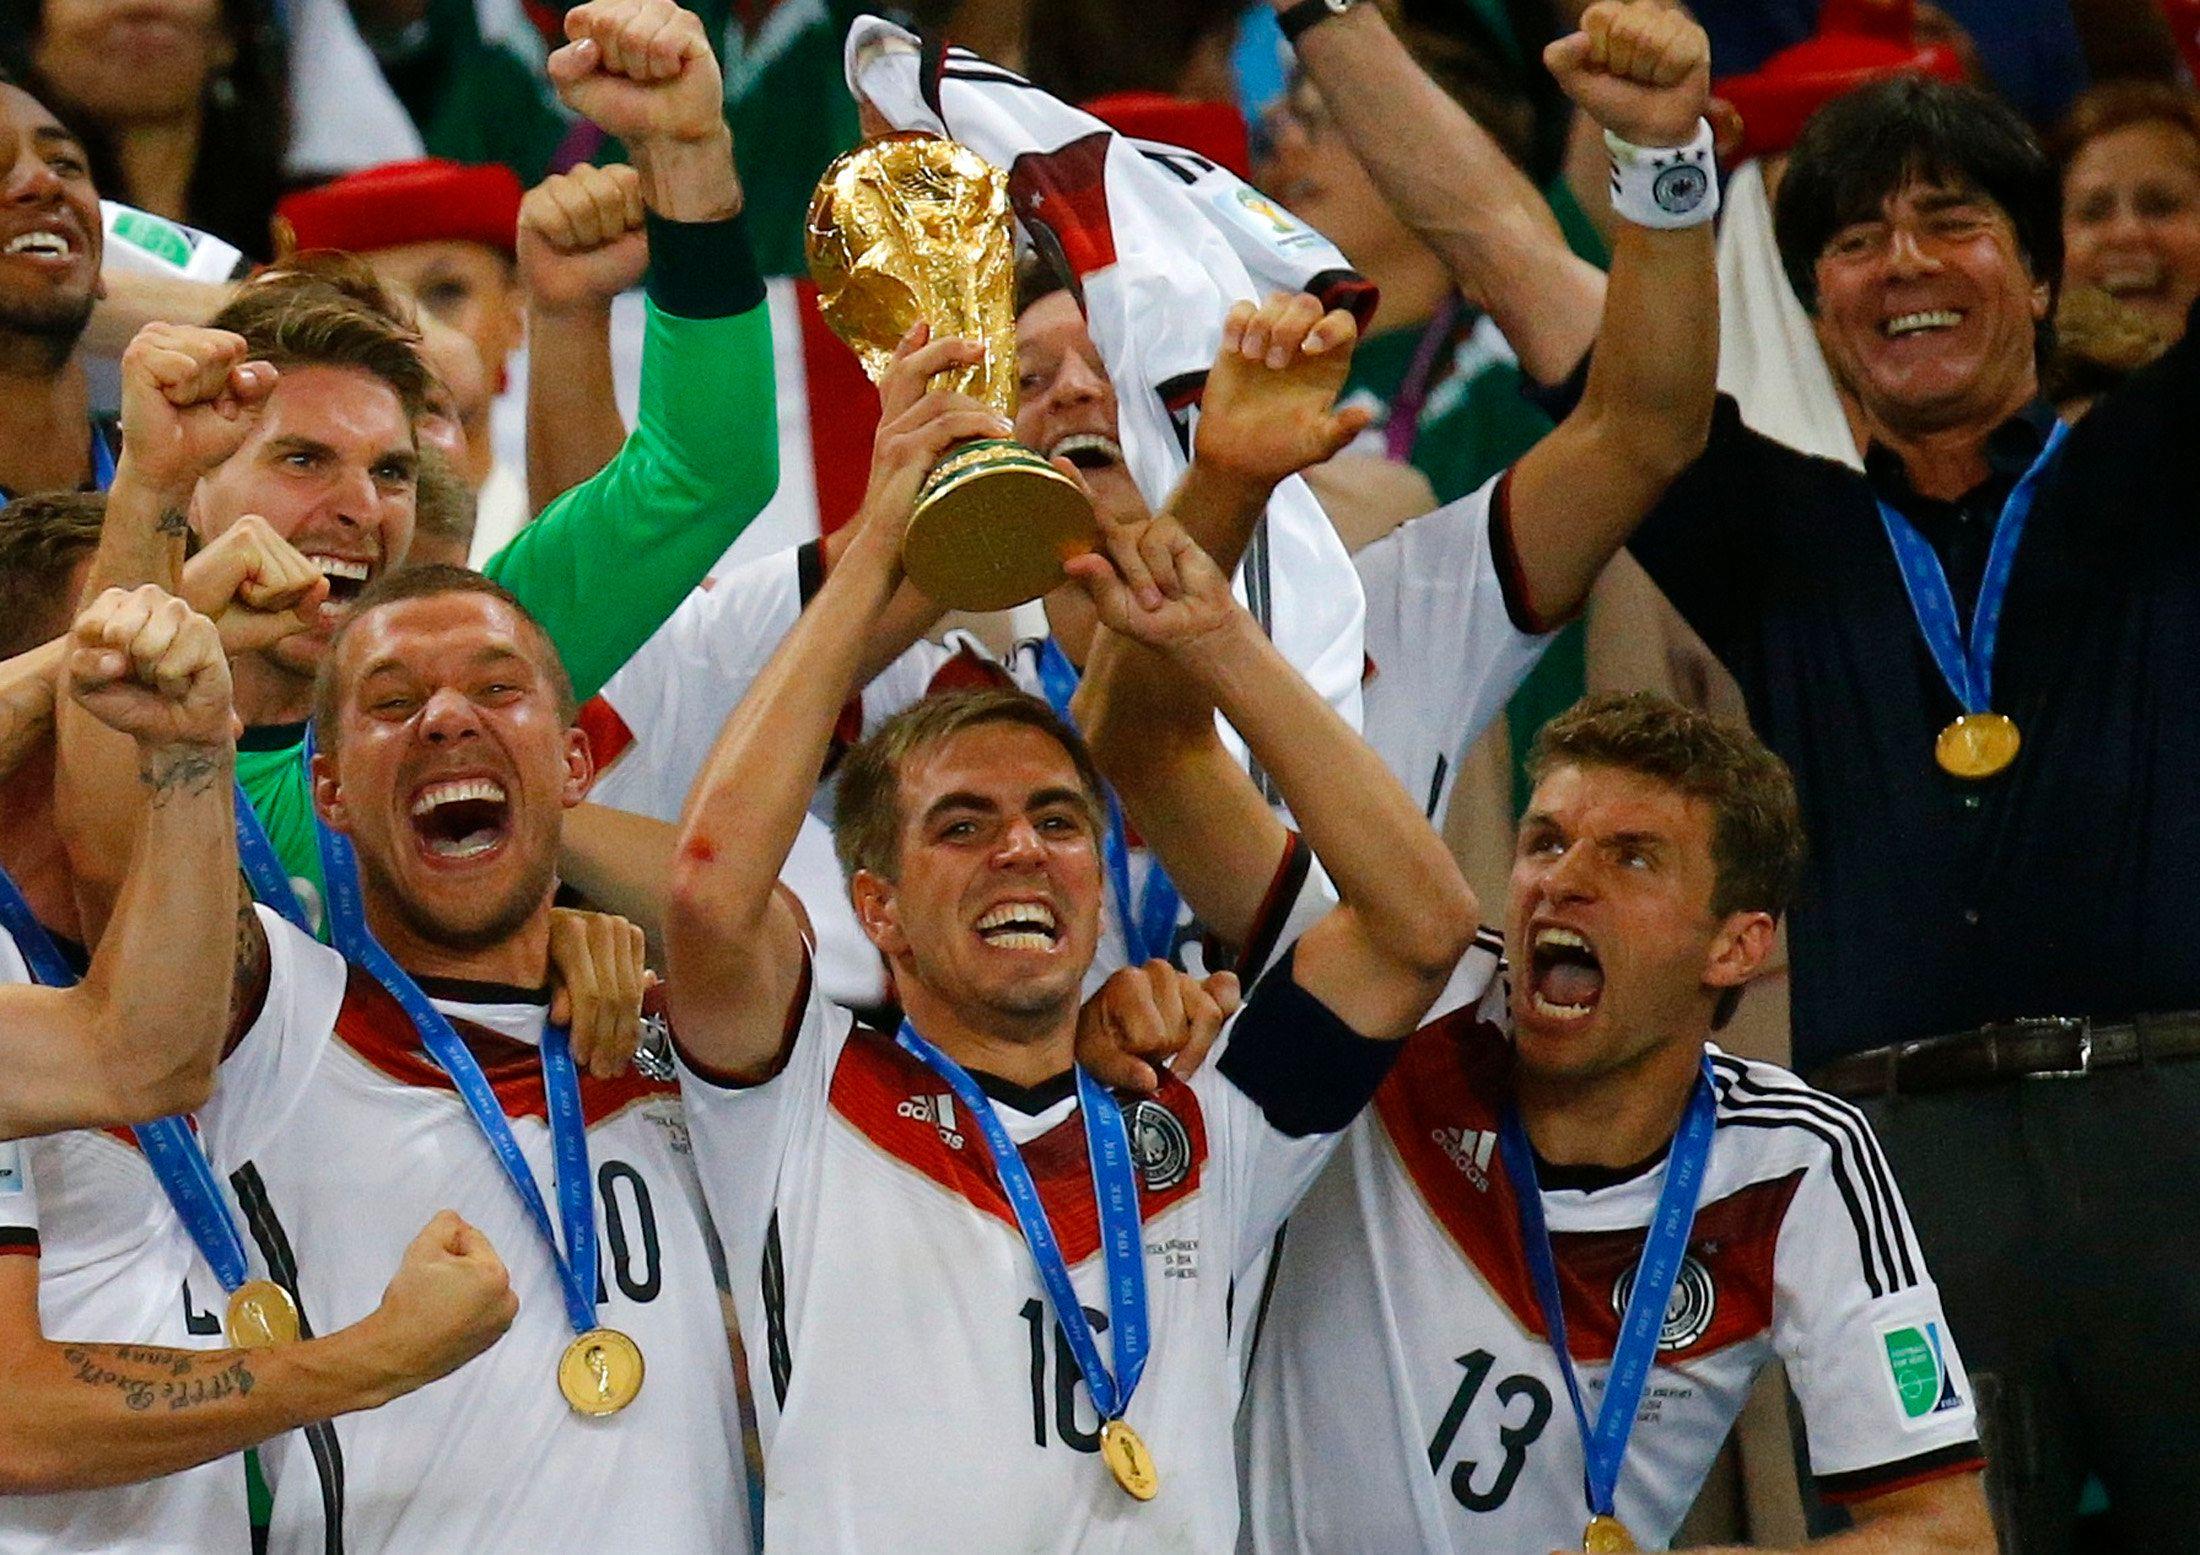 Ein deutscher Spieler wird den Pokal beim WM-Finale in den Händen halten.